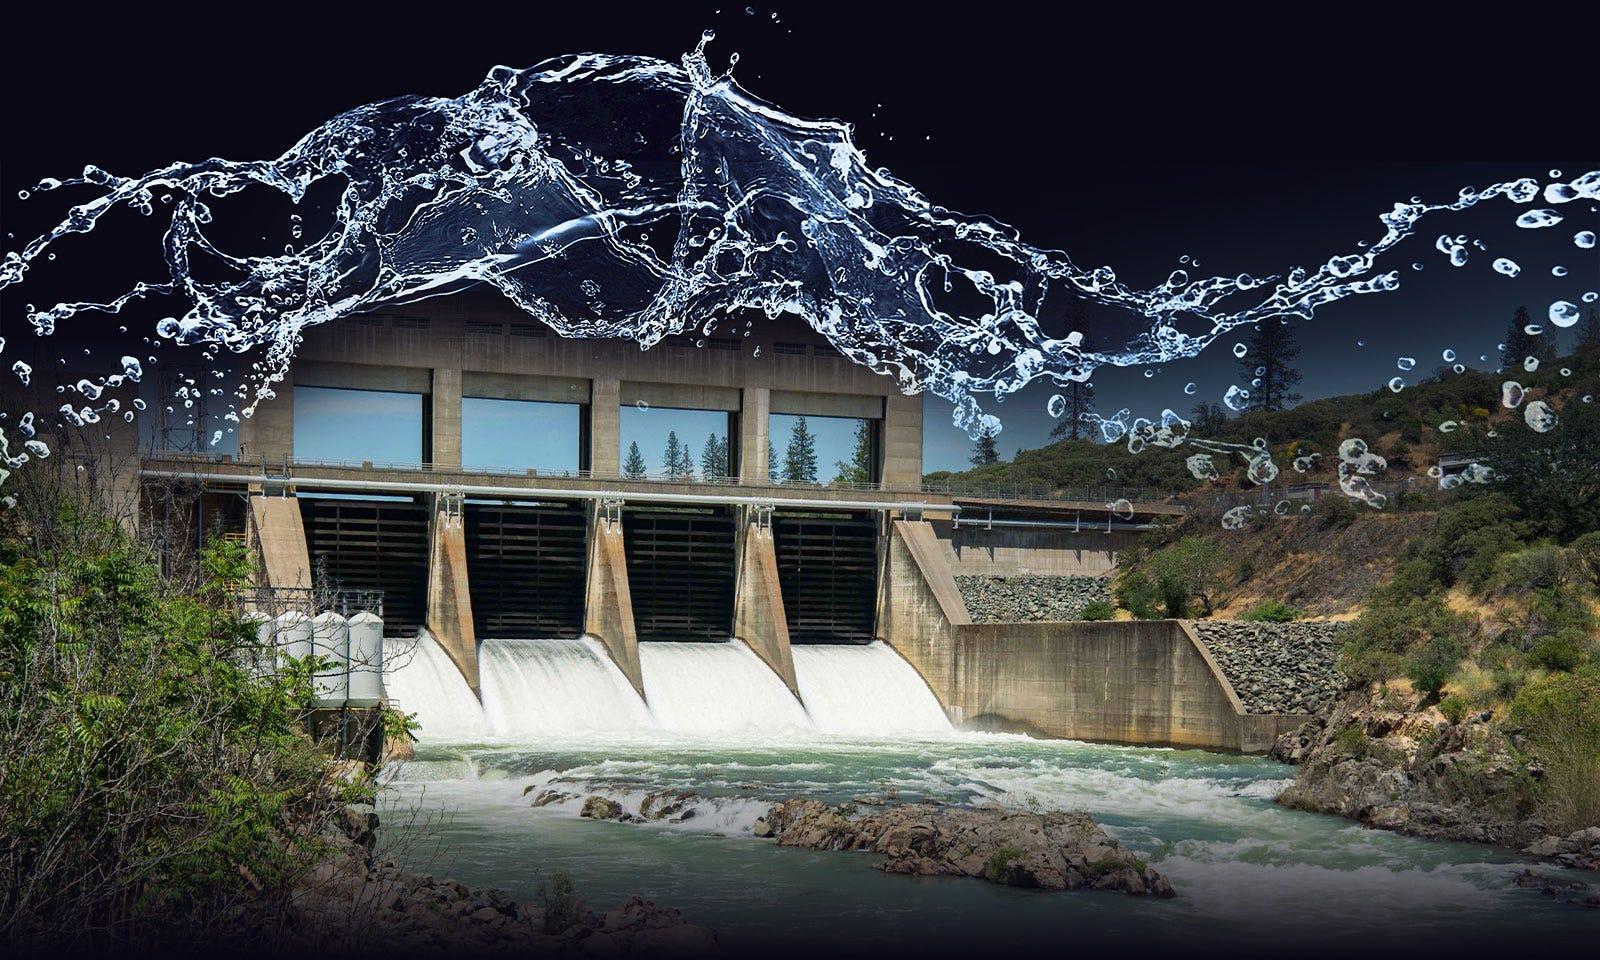 Dam with water splash overlaid